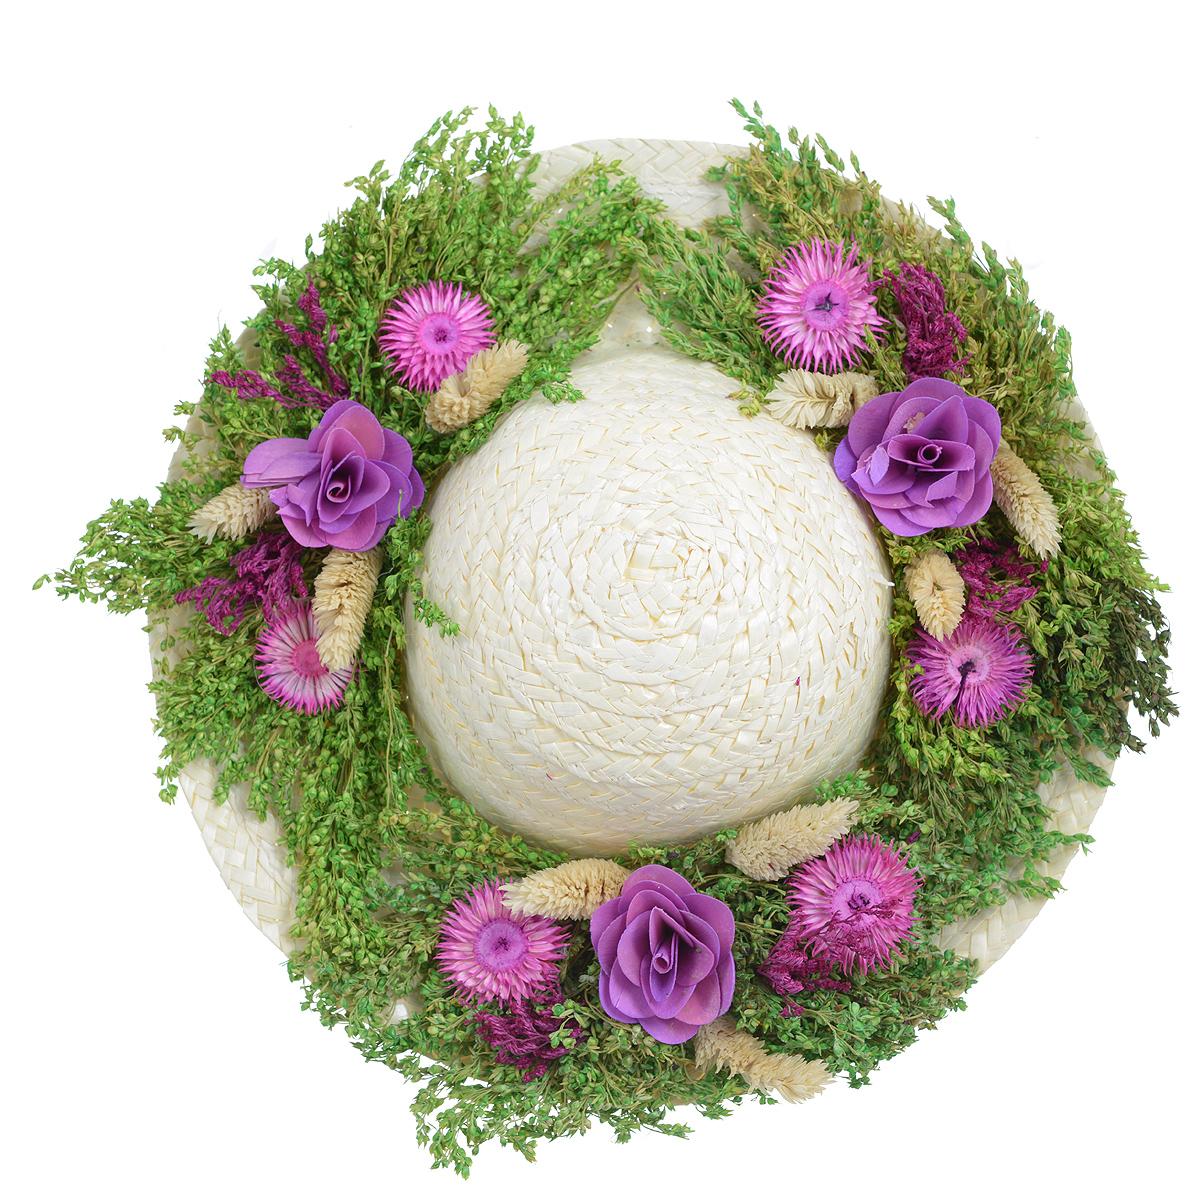 Декоративное настенное украшение Lillo Шляпа. 29 х 29 х 7,5 смAF 03127Декоративное подвесное украшение Lillo Шляпа выполнено из натуральной соломы и украшено сухоцветами. Такая шляпа станет изящным элементом декора в вашем доме. С задней стороны расположена петелька для подвешивания. Такое украшение не только подчеркнет ваш изысканный вкус, но и прекрасным подарком, который обязательно порадует получателя. Диаметр шляпы: 29 см.